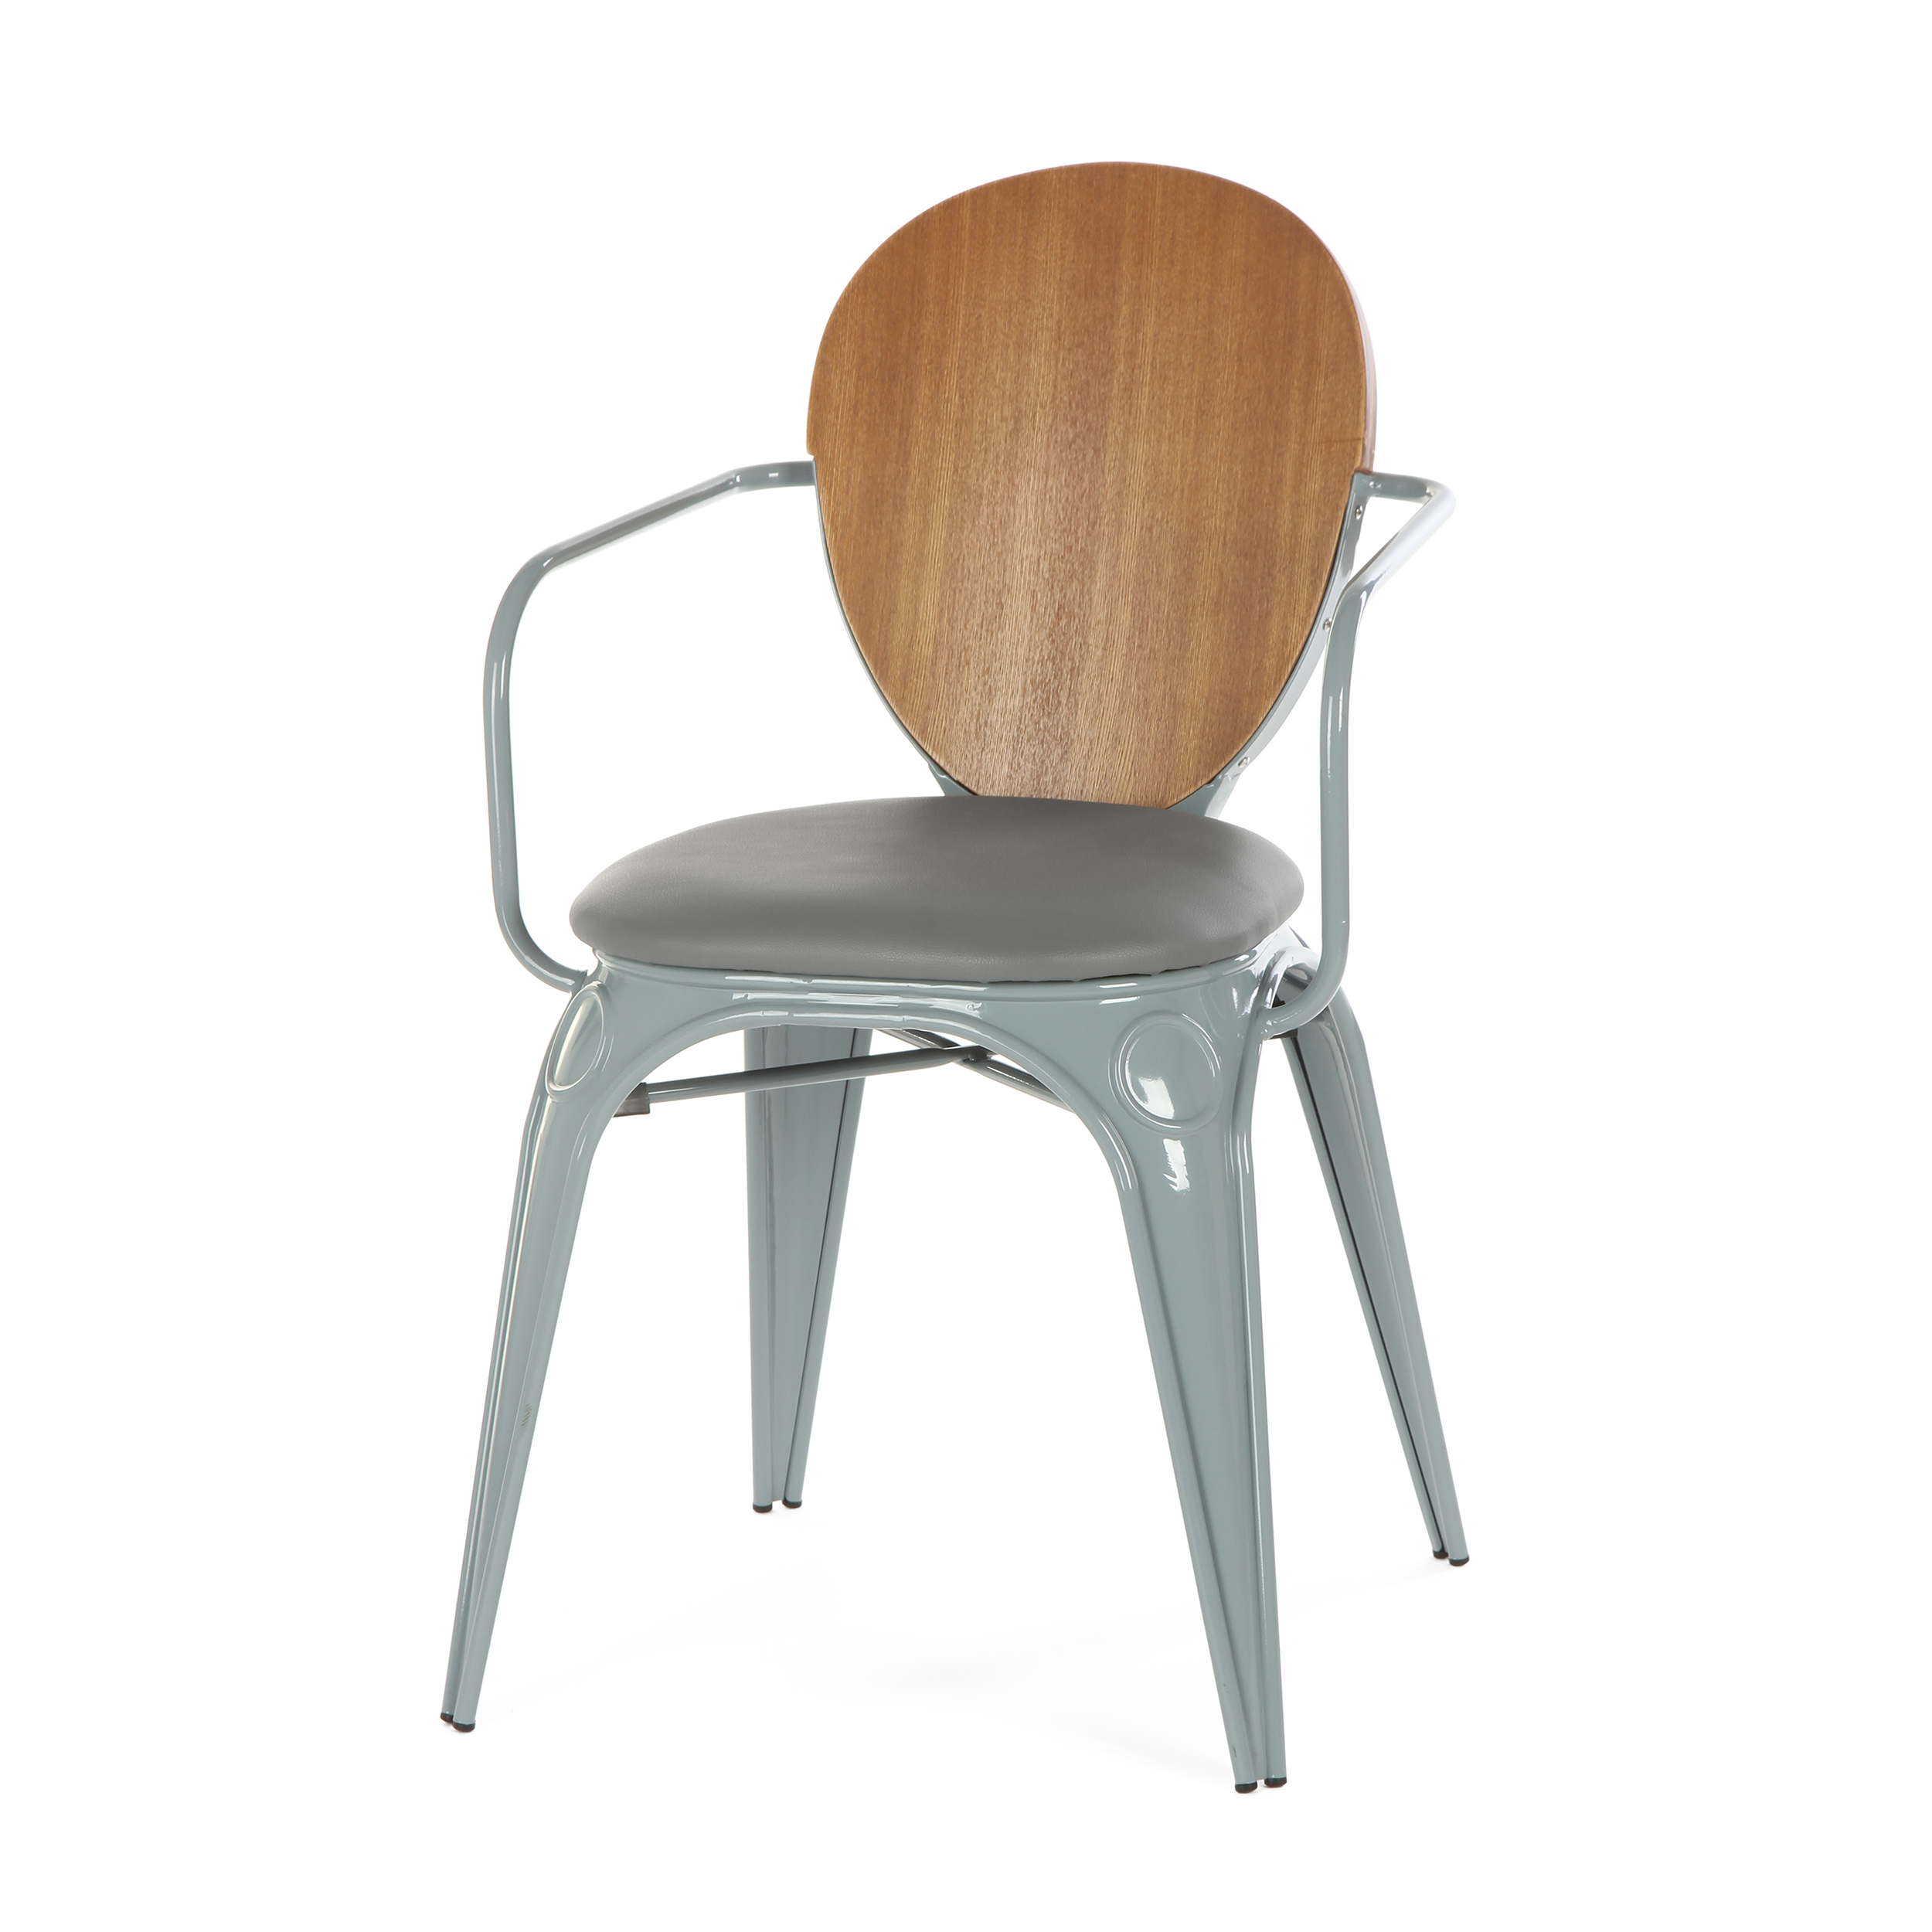 Стул Louix с подушкойИнтерьерные<br>Дизайнерский стул Louix (Луи) из стали с кожаным сиденьем и деревянной спинкой от Cosmo (Космо).<br><br>     Дизайнер Александр Аразола виртуозно соединил практичность и эстетику. Его творения не просто стильные, они имеют свой характер, свое настроение. Легкость и простота присутствуют и в этом стуле.<br><br><br>     Светлый и оригинальный, прочный и надежный, стул Louix с подушкой спроектирован в чистом французском стиле, на стыке индустриальной техники, популярной во Франции в 20-х годах ХХ века, и ...<br><br>stock: 14<br>Высота: 83.5<br>Высота сиденья: 46<br>Ширина: 60<br>Глубина: 52<br>Цвет спинки: Коричневый<br>Материал спинки: Фанера, шпон ивы<br>Тип материала каркаса: Сталь<br>Материал сидения: Полиуретан<br>Цвет сидения: Серый<br>Тип материала спинки: Фанера<br>Тип материала сидения: Кожа искусственная<br>Цвет каркаса: Теплый серый